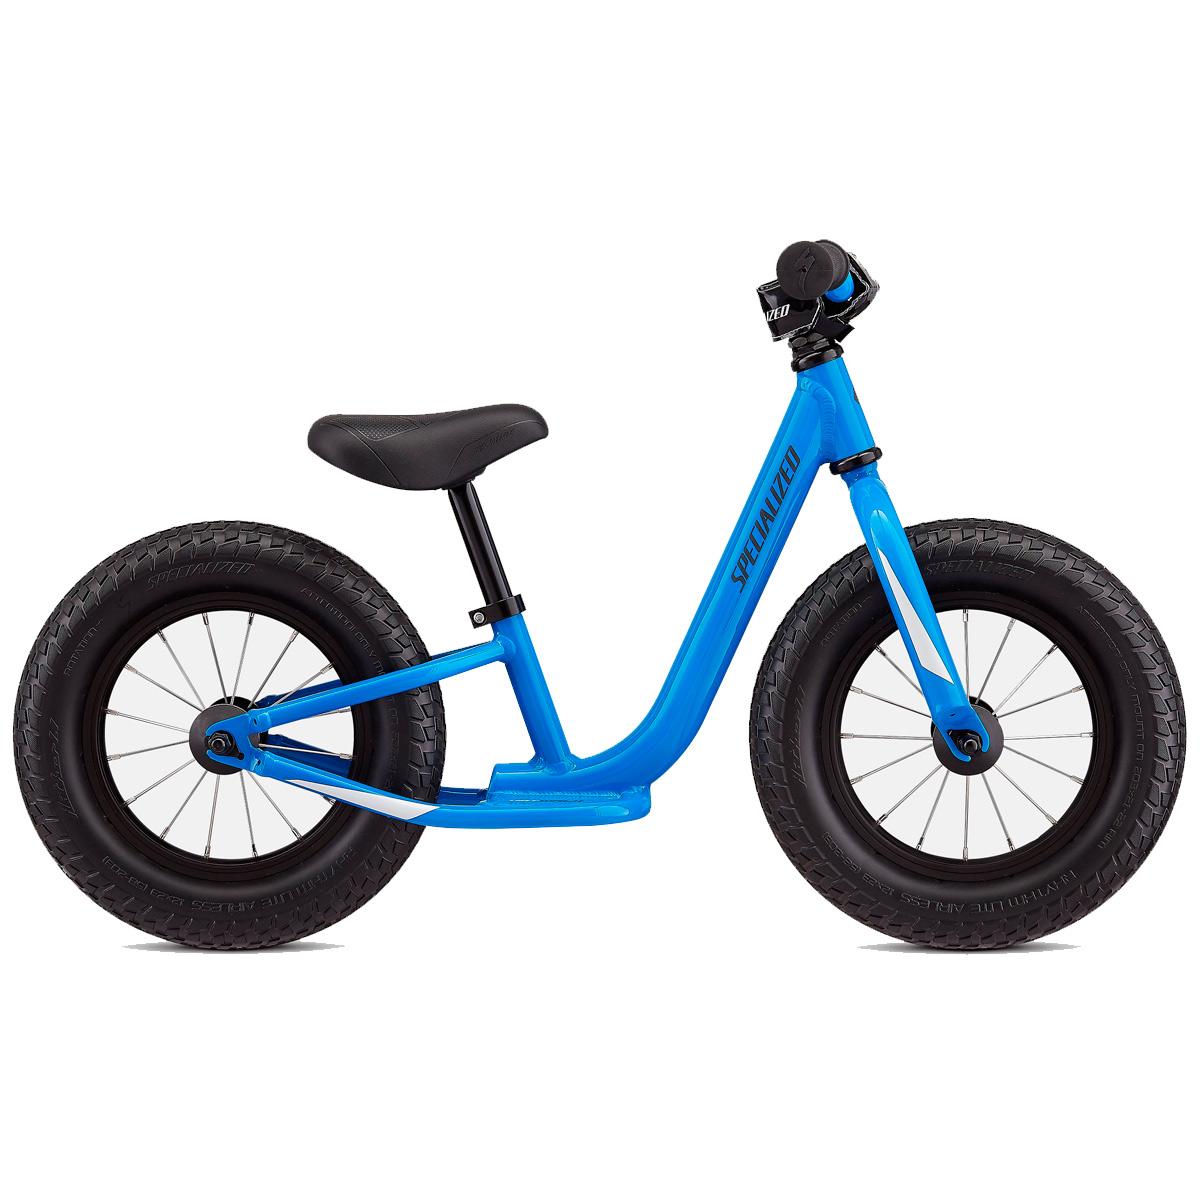 Bicicleta Specialized Hotwalk Azul Aro 12